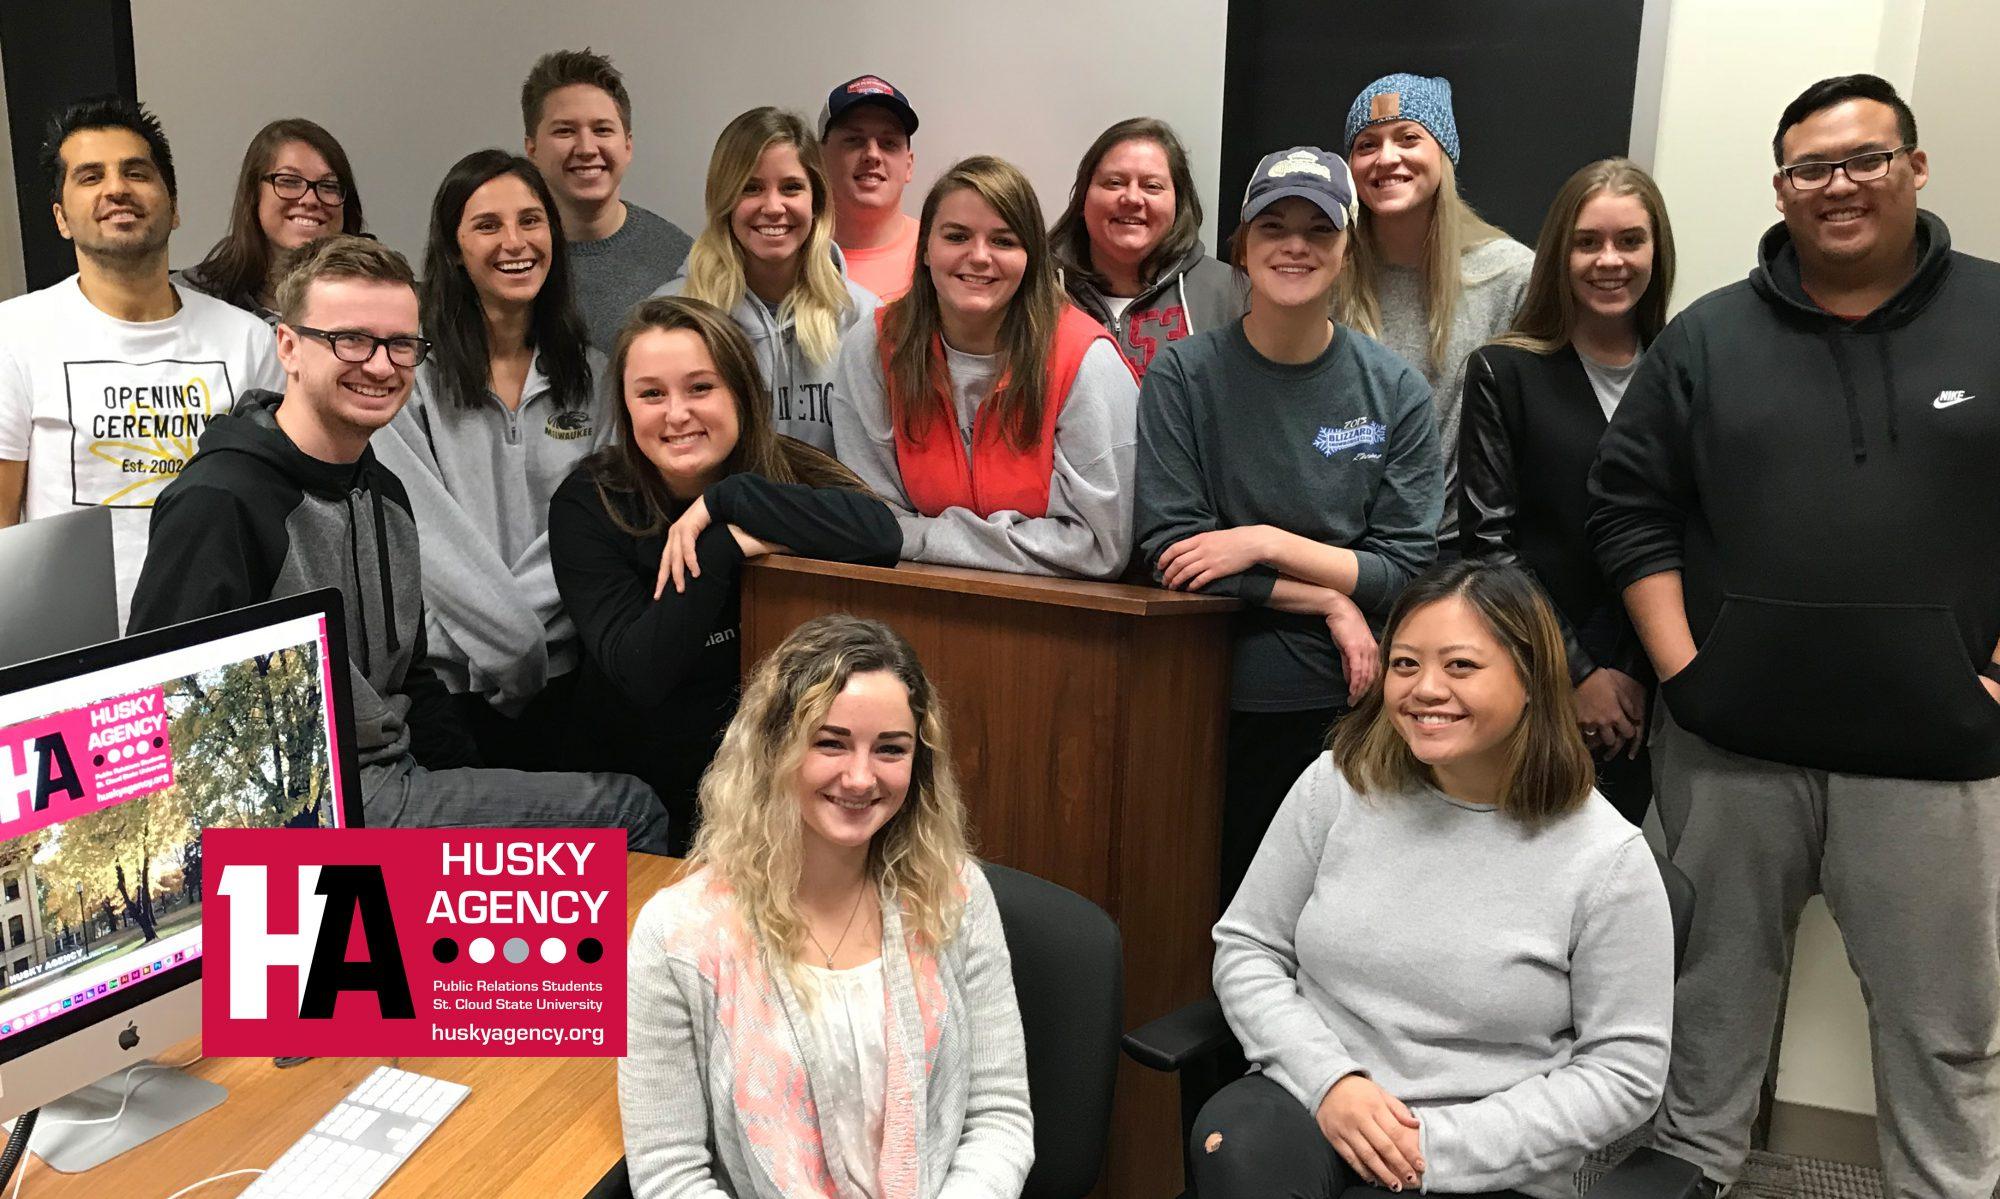 Husky Agency